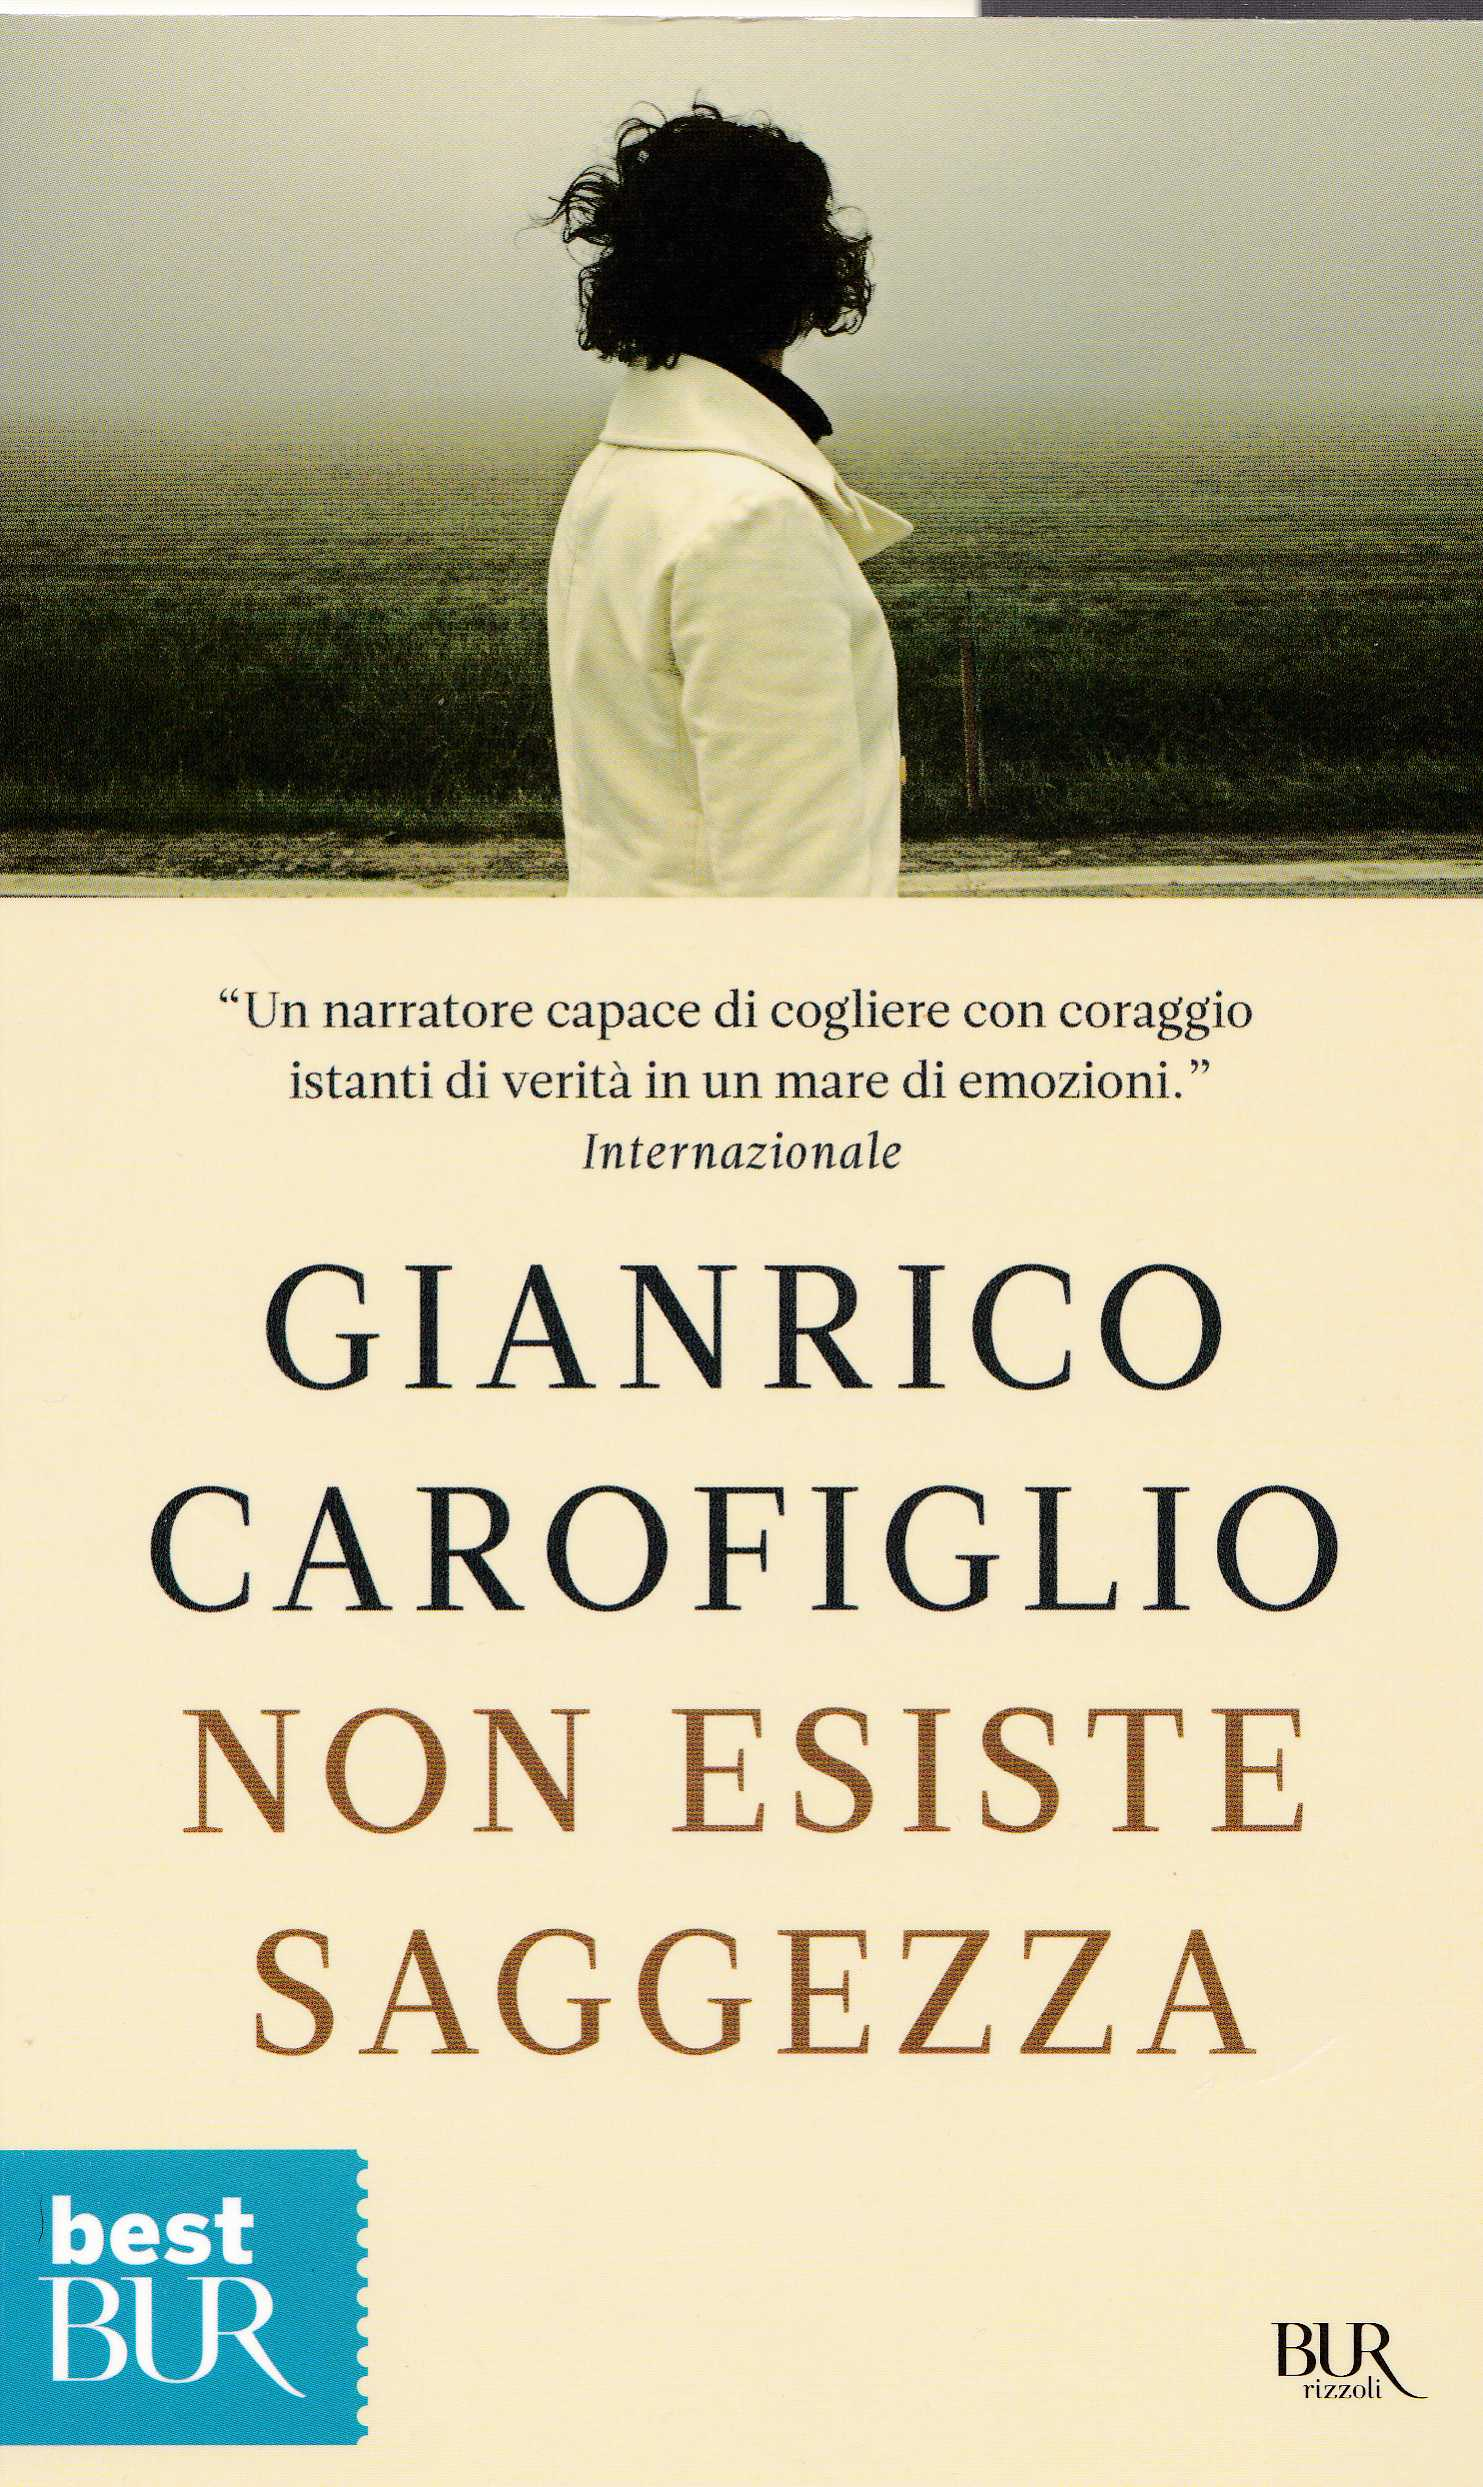 CAROFIGLIO221